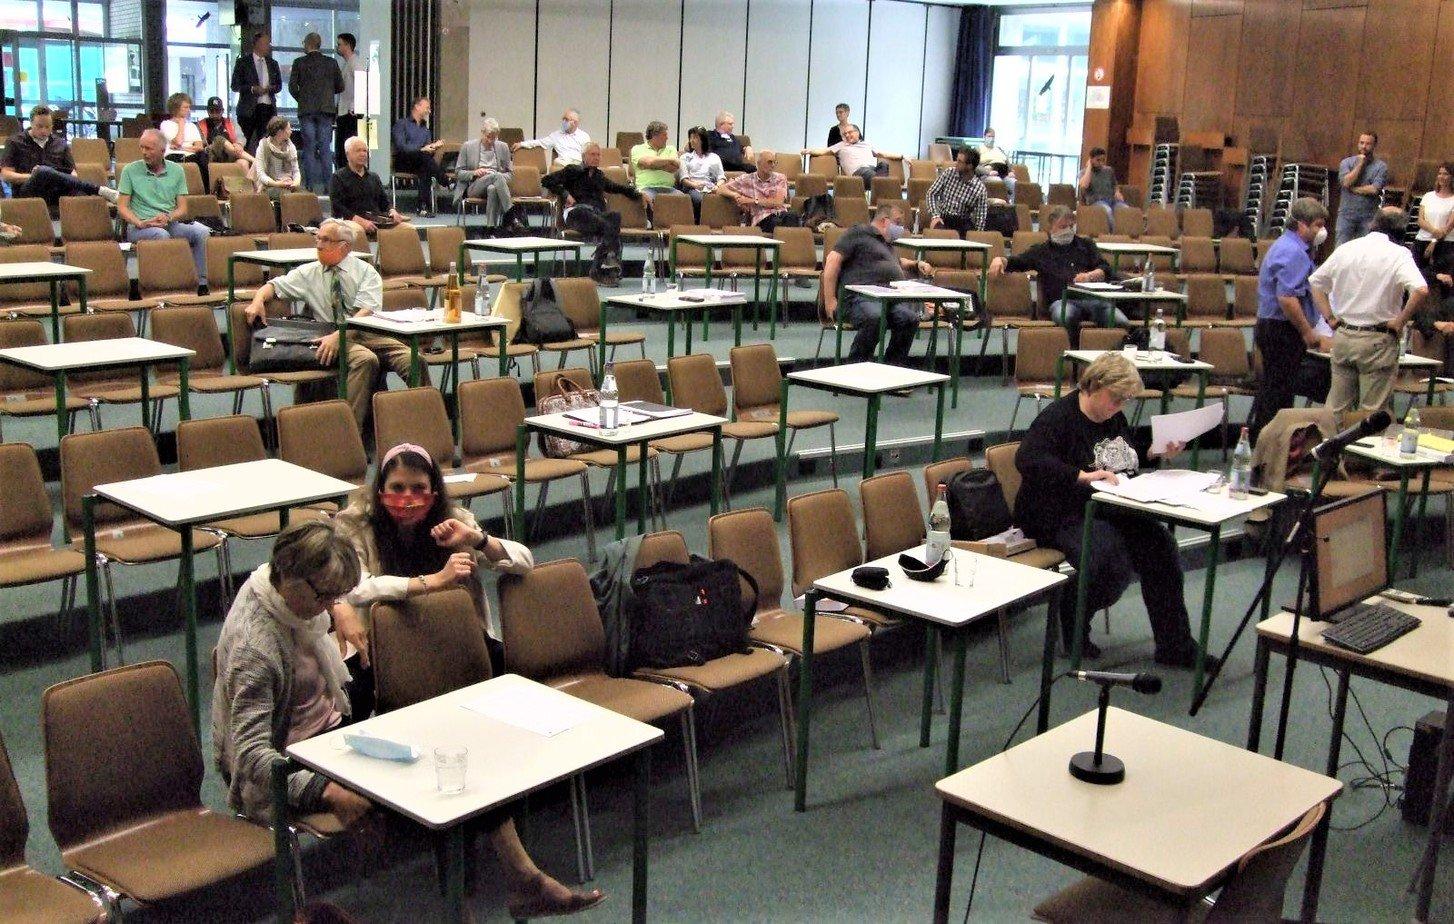 Der Gemeinderat tagte wieder in der Aula des Gymnasiums. Die Gremiumsmitglieder hatten diesmal einen Tisch für ihre Unterlagen zur Verfügung. Die Aufnahme entstand vor Sitzungsbeginn. Foto: him